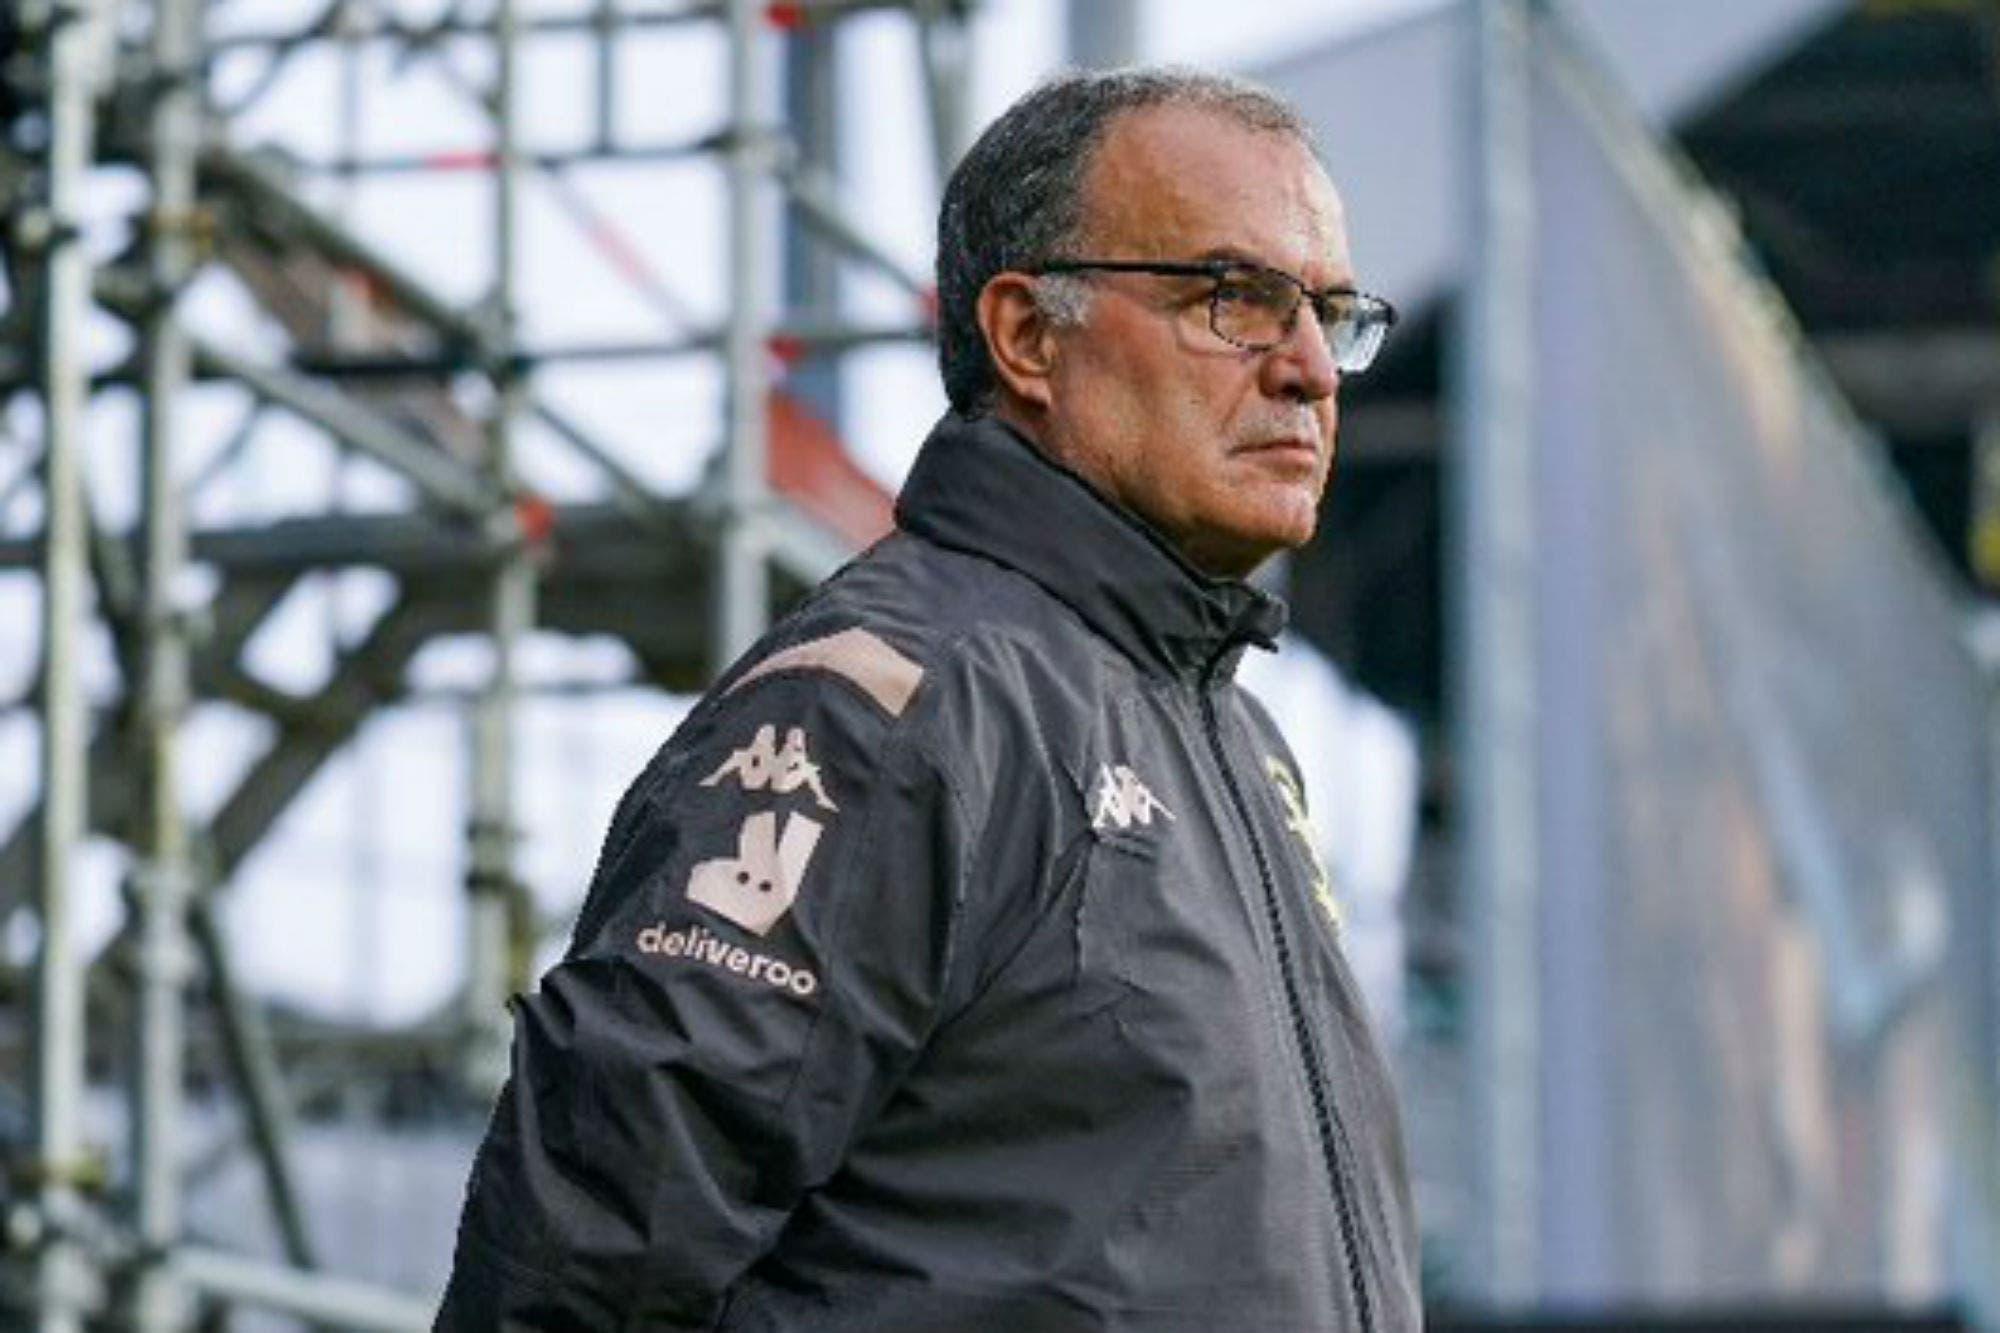 El Leeds de Bielsa perdió: cómo está en busca del ascenso a la Premier League